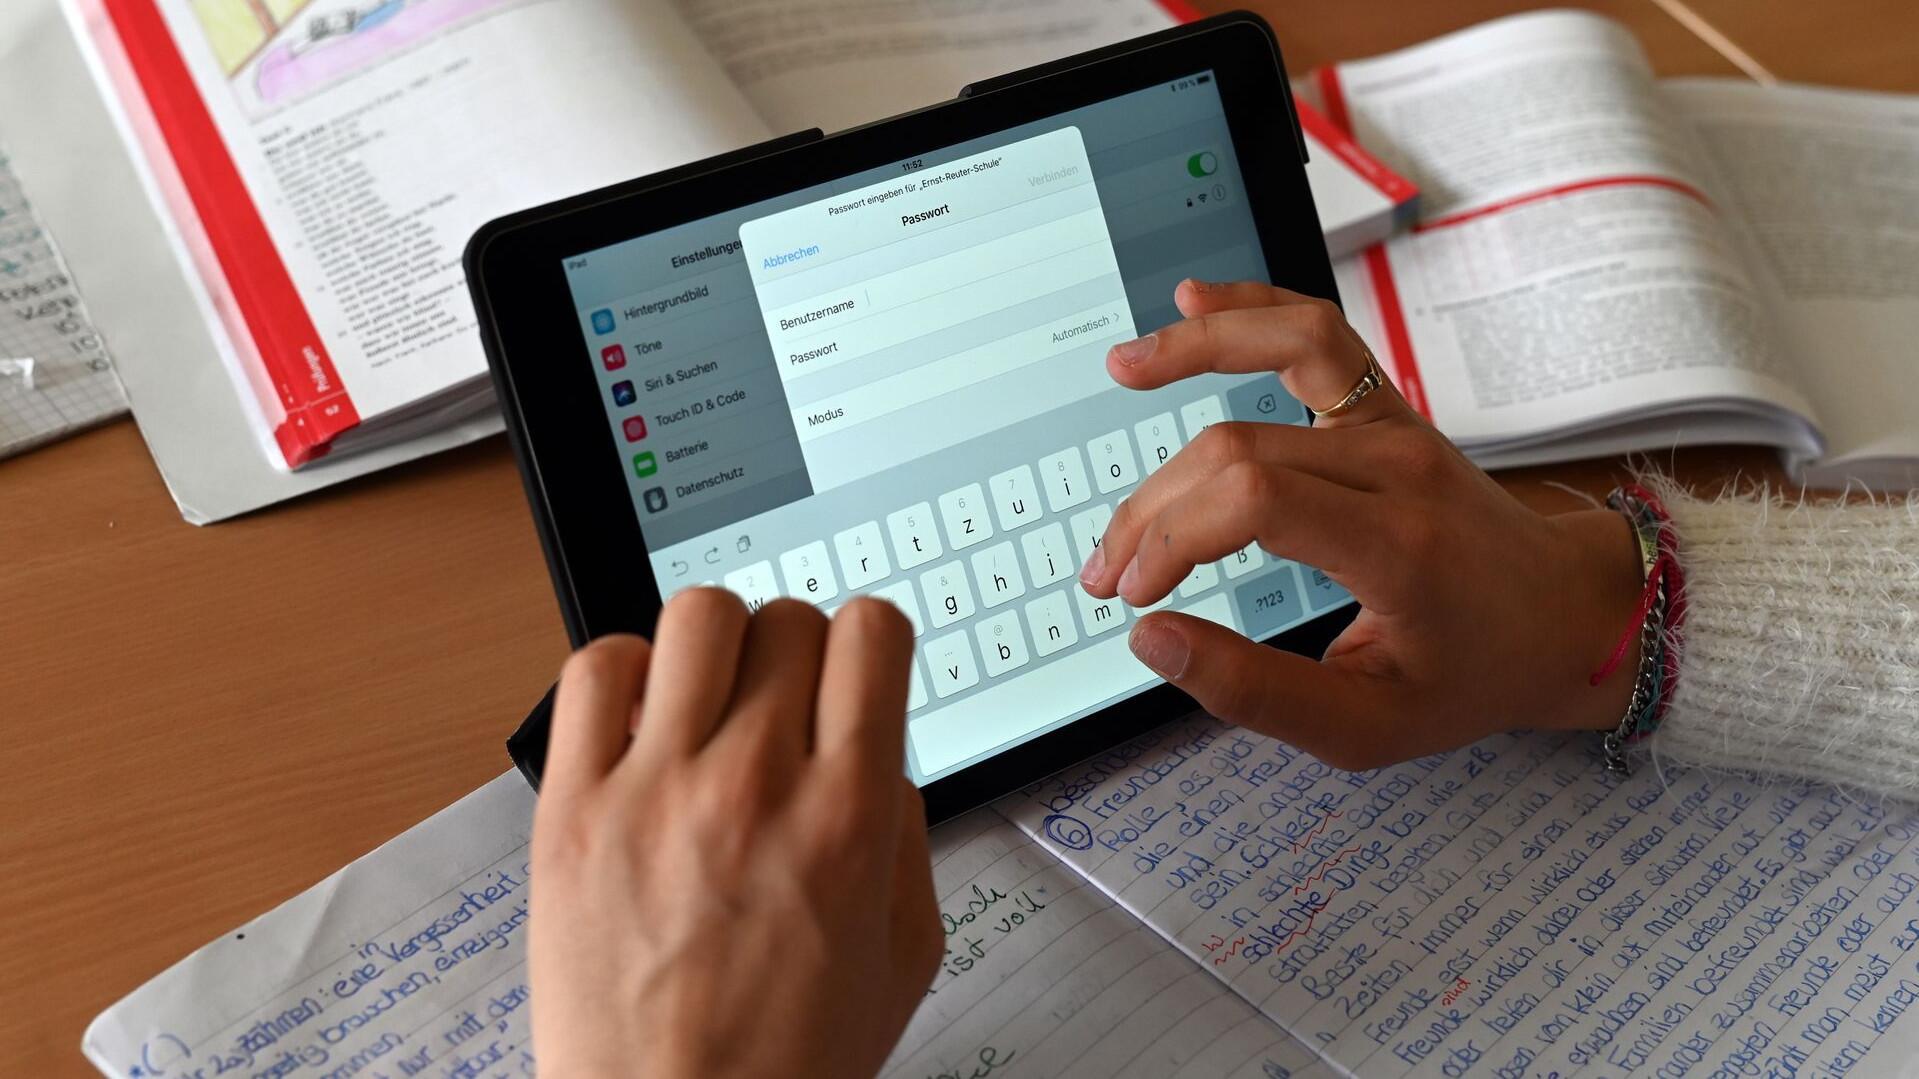 Bild zu Tablets im Schulunterricht